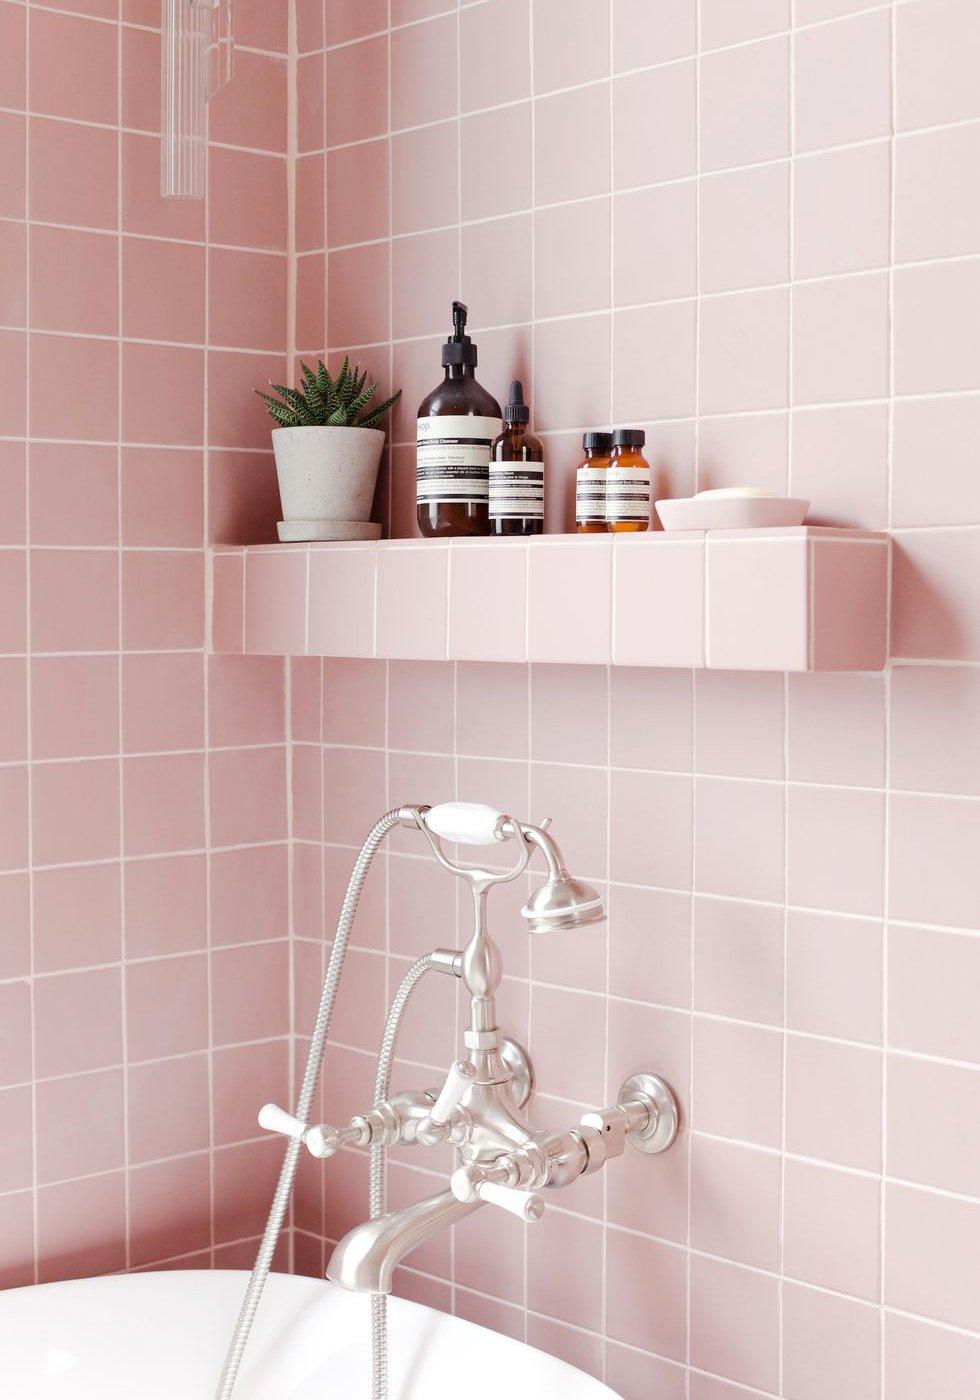 pinkbathroom1